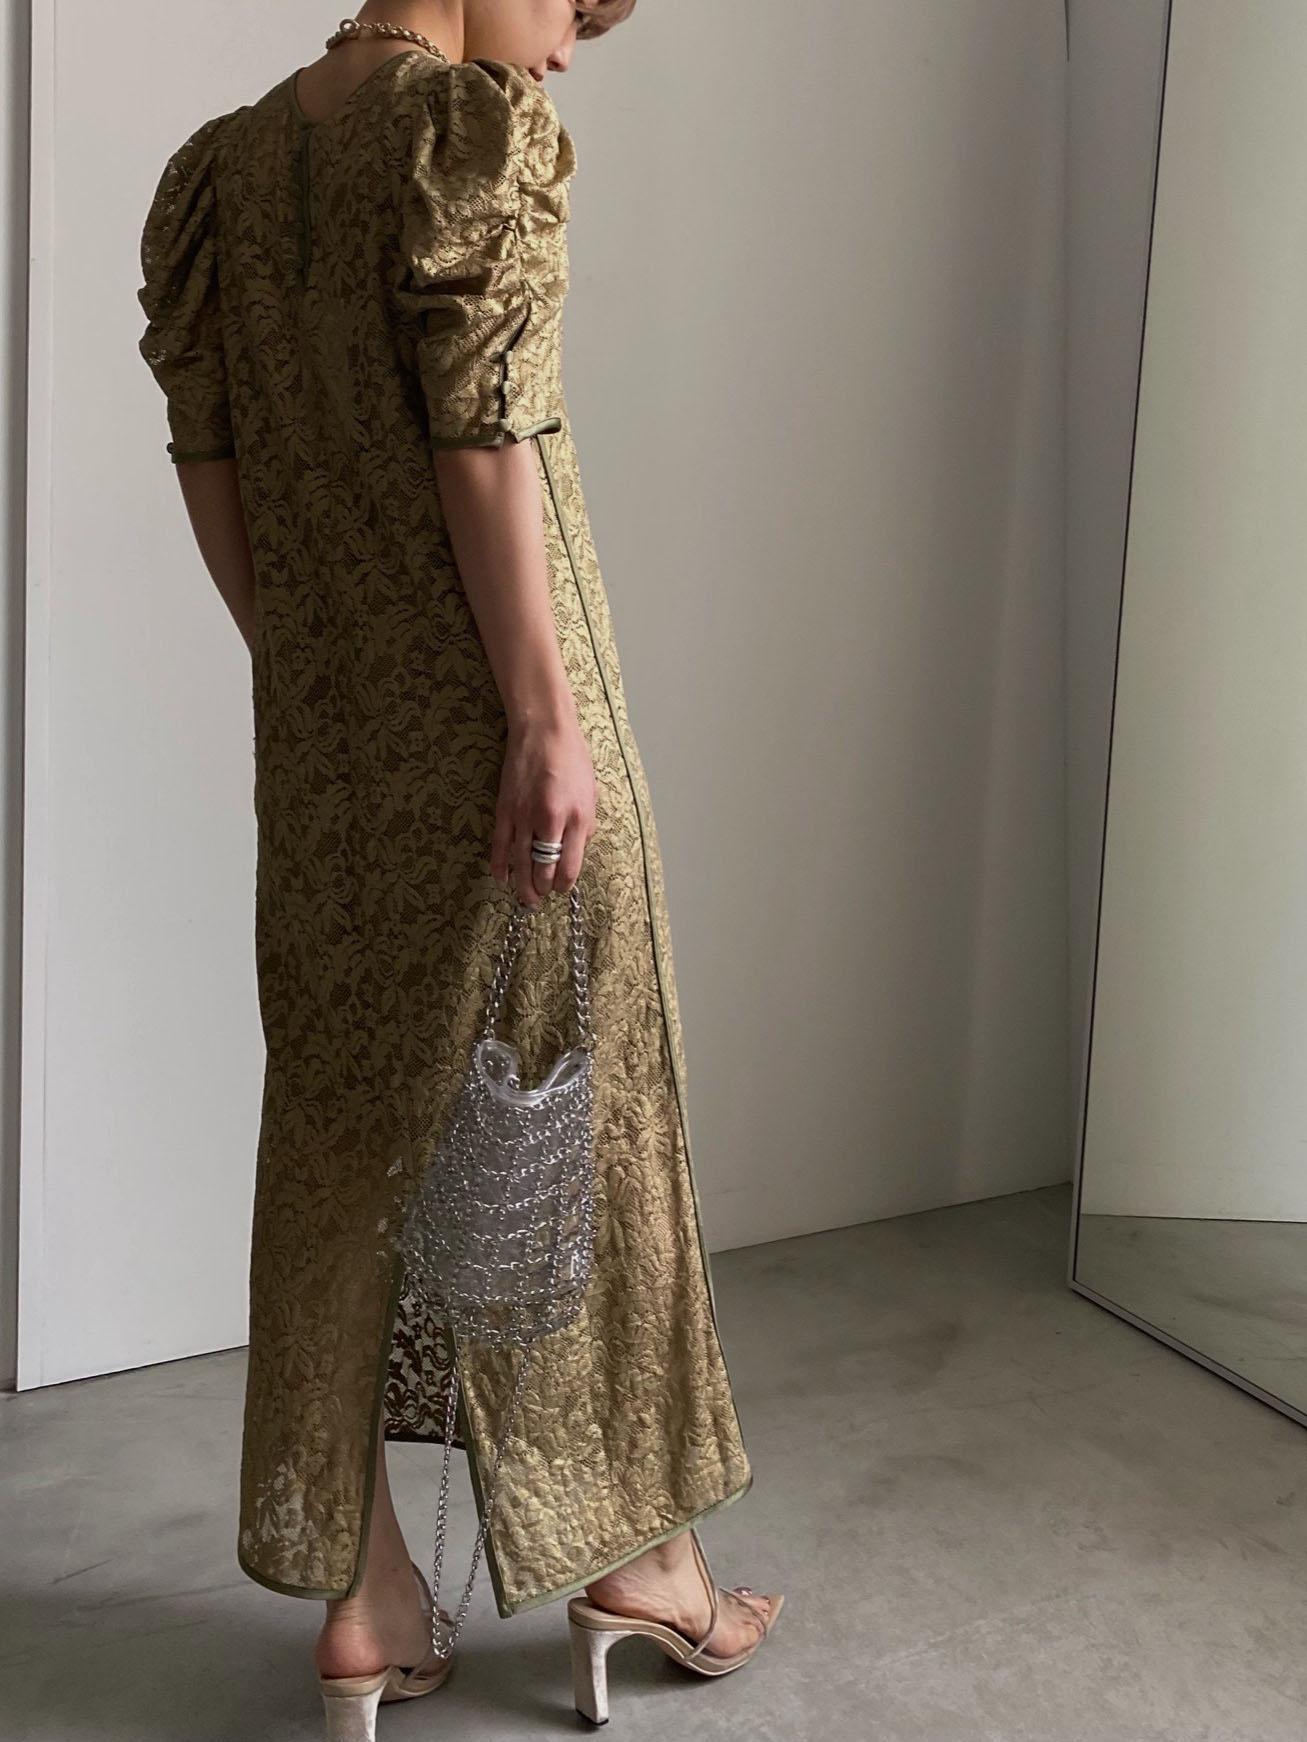 SUZU_SHINE COATING LACE DRESS